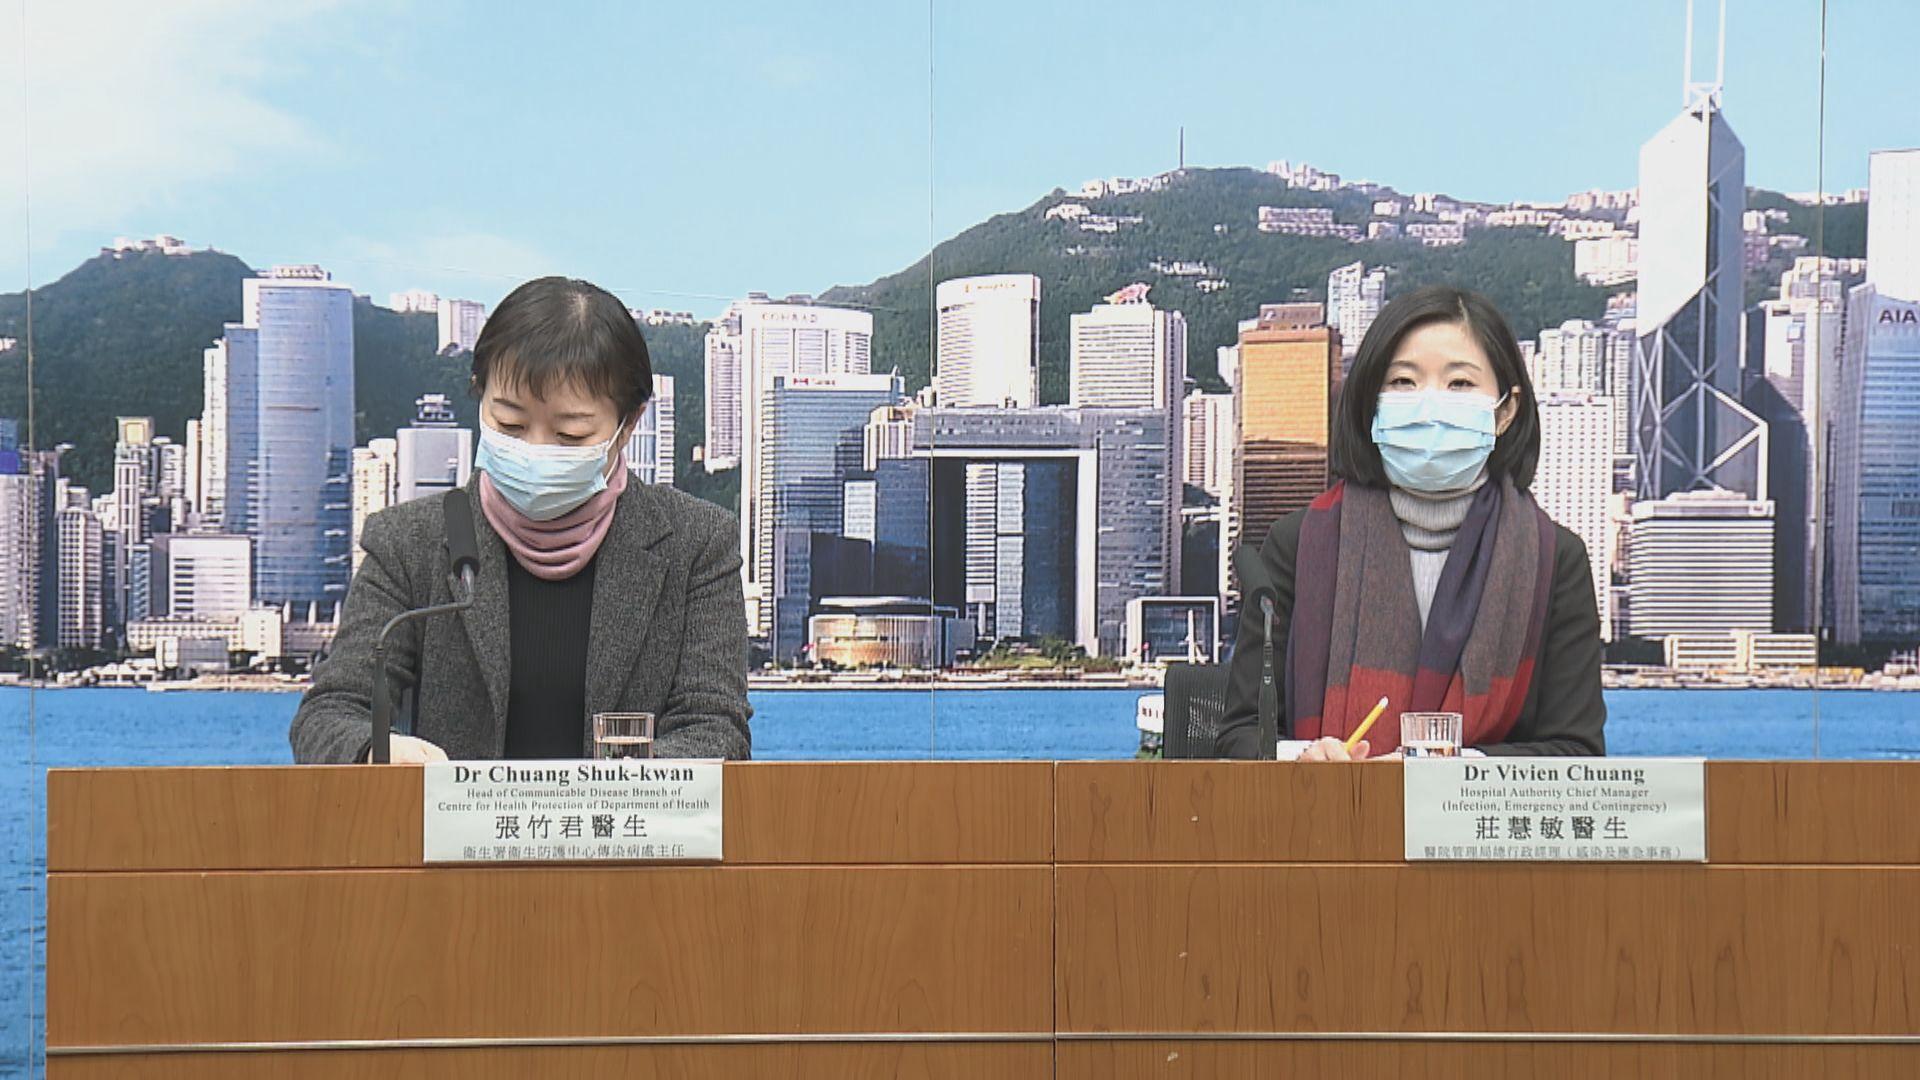 衞生防護中心:武漢夫婦不合作 未能完全掌握二人行程